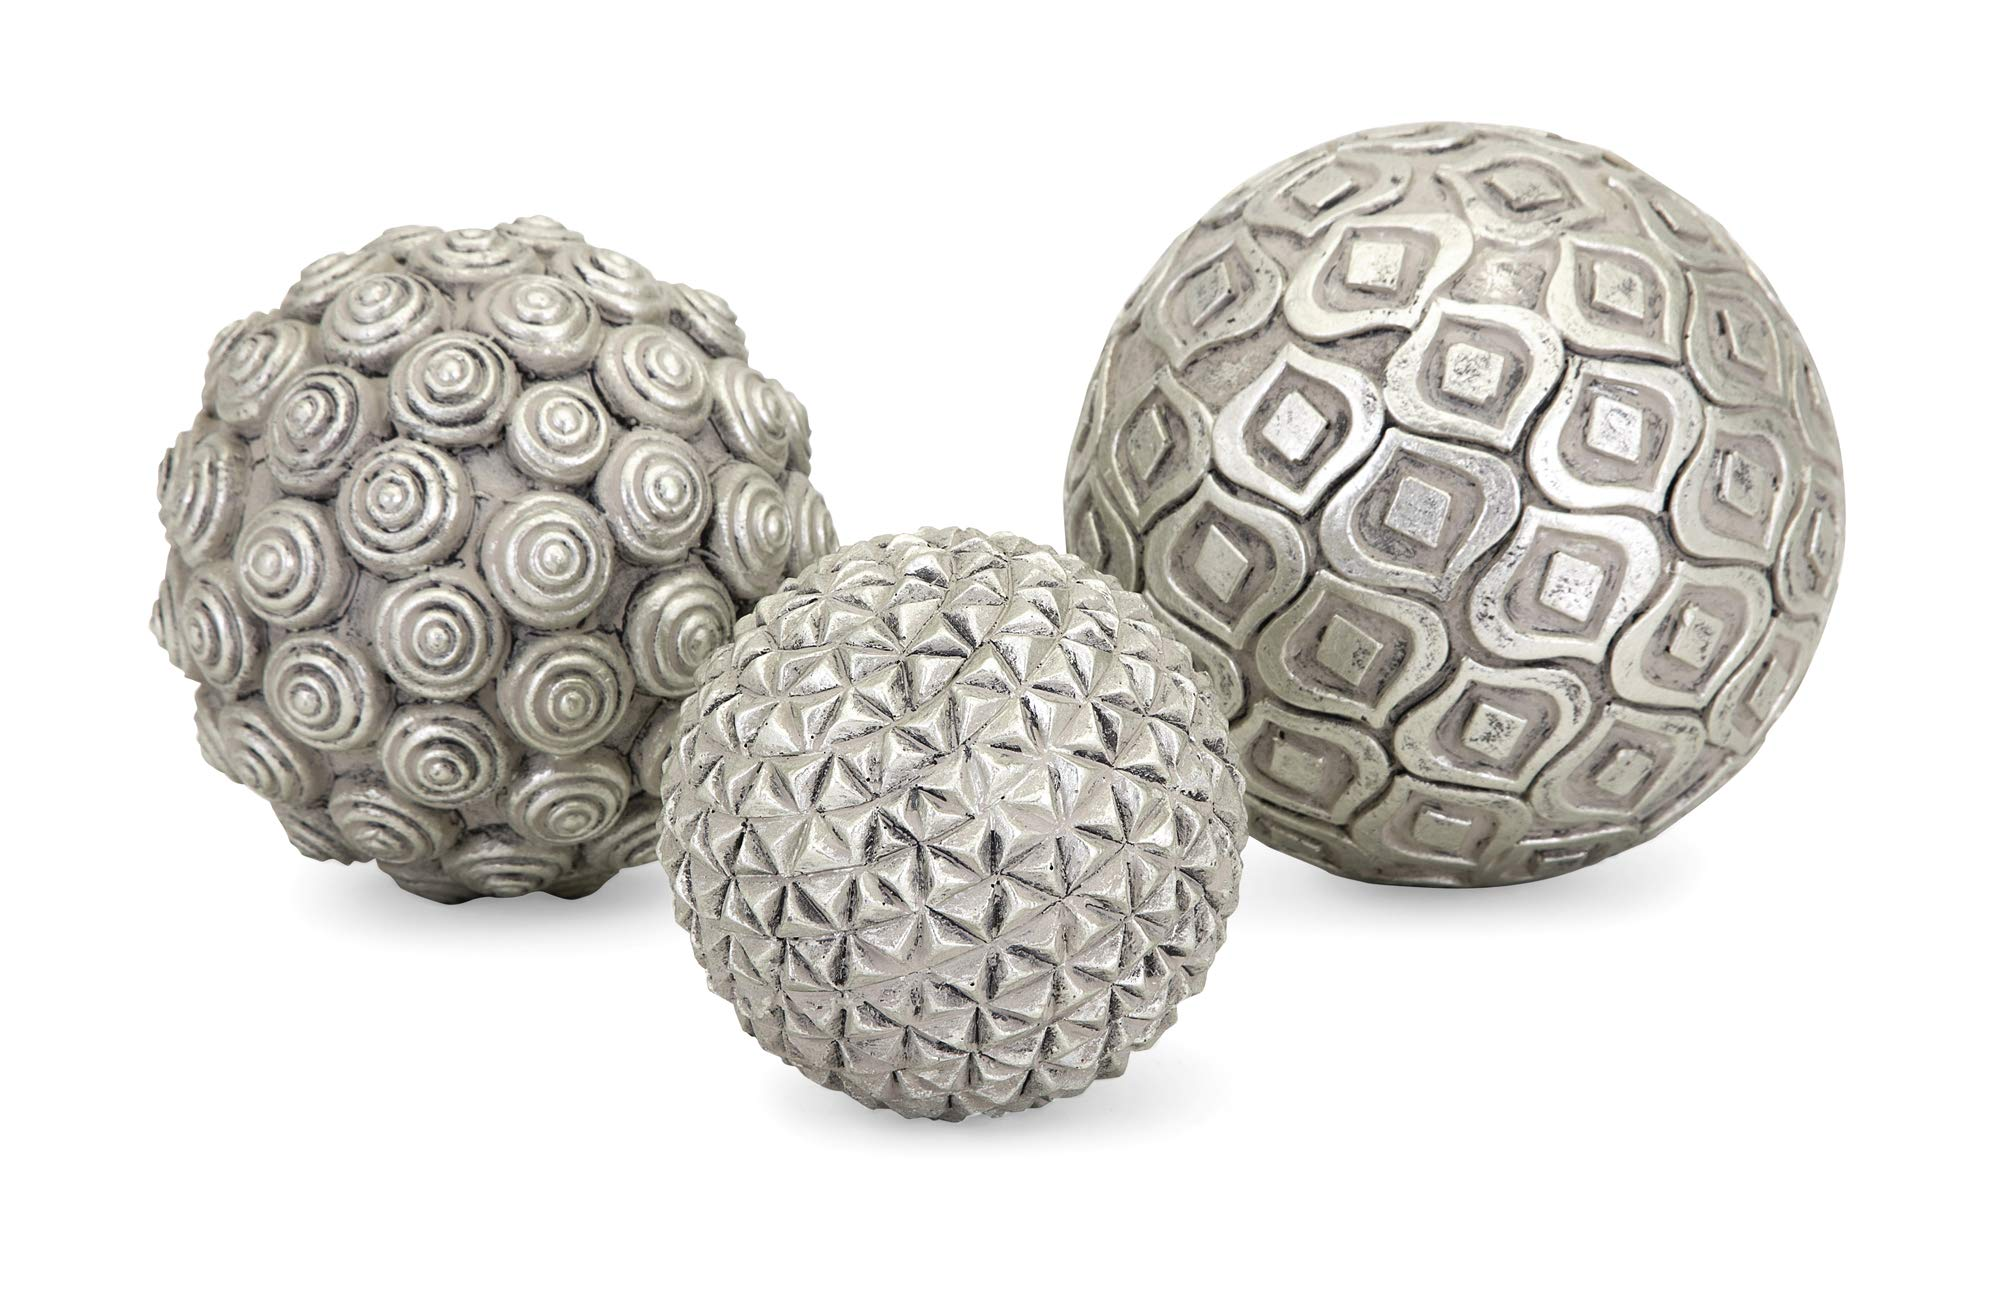 Imax Nahara Silver Balls - Set of Three by Imax